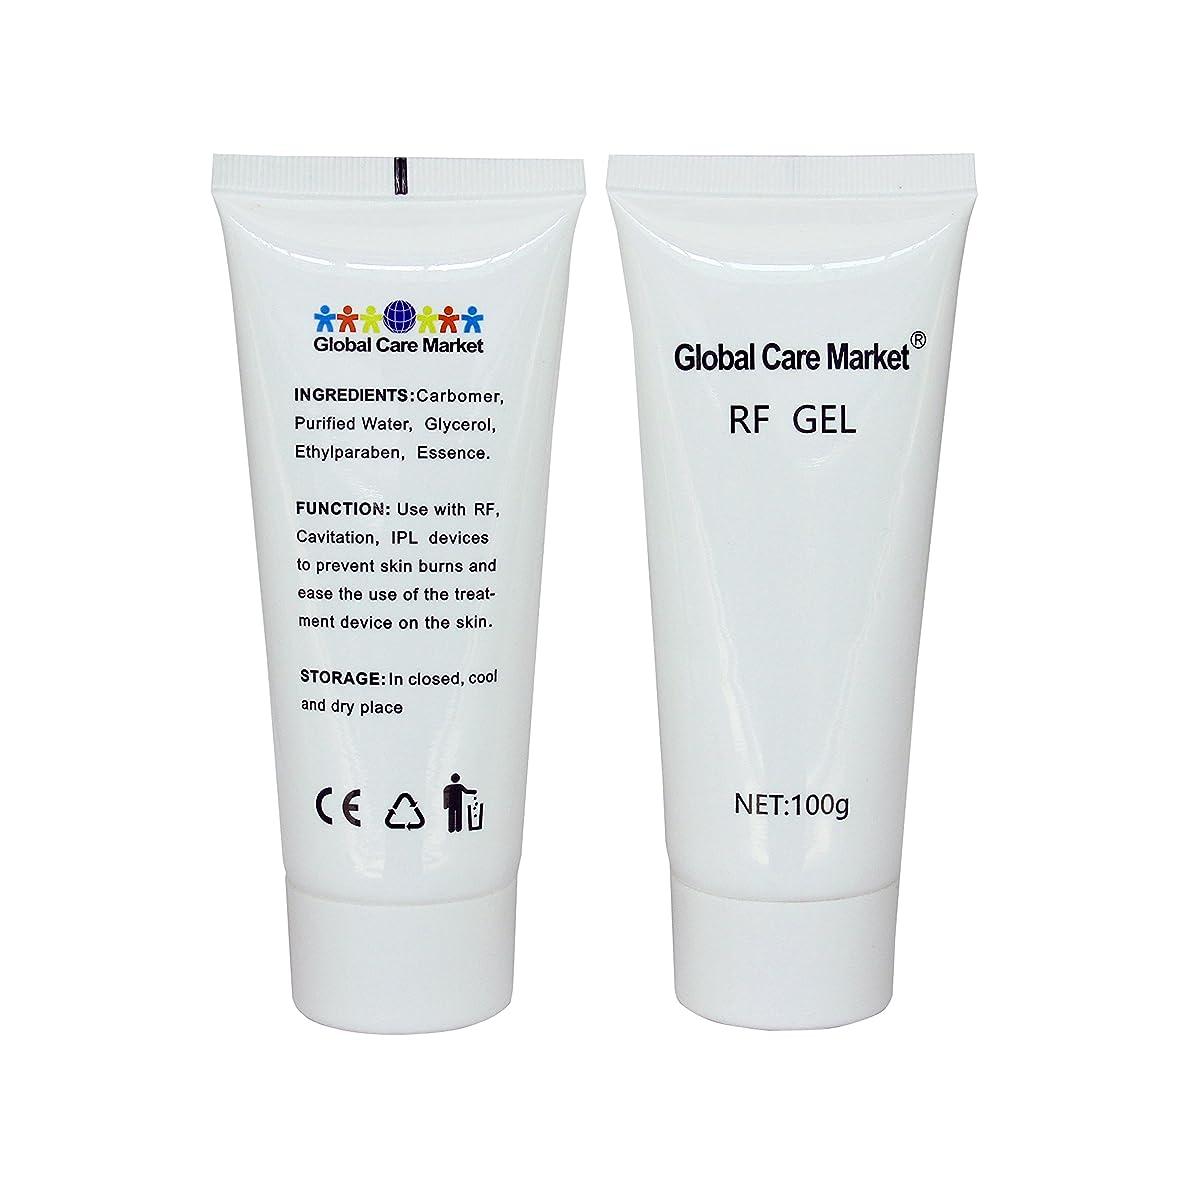 おじさん成熟した増加するRF GEL(2 Pack) - 高周波治療装置に使用する皮膚冷却および潤滑です